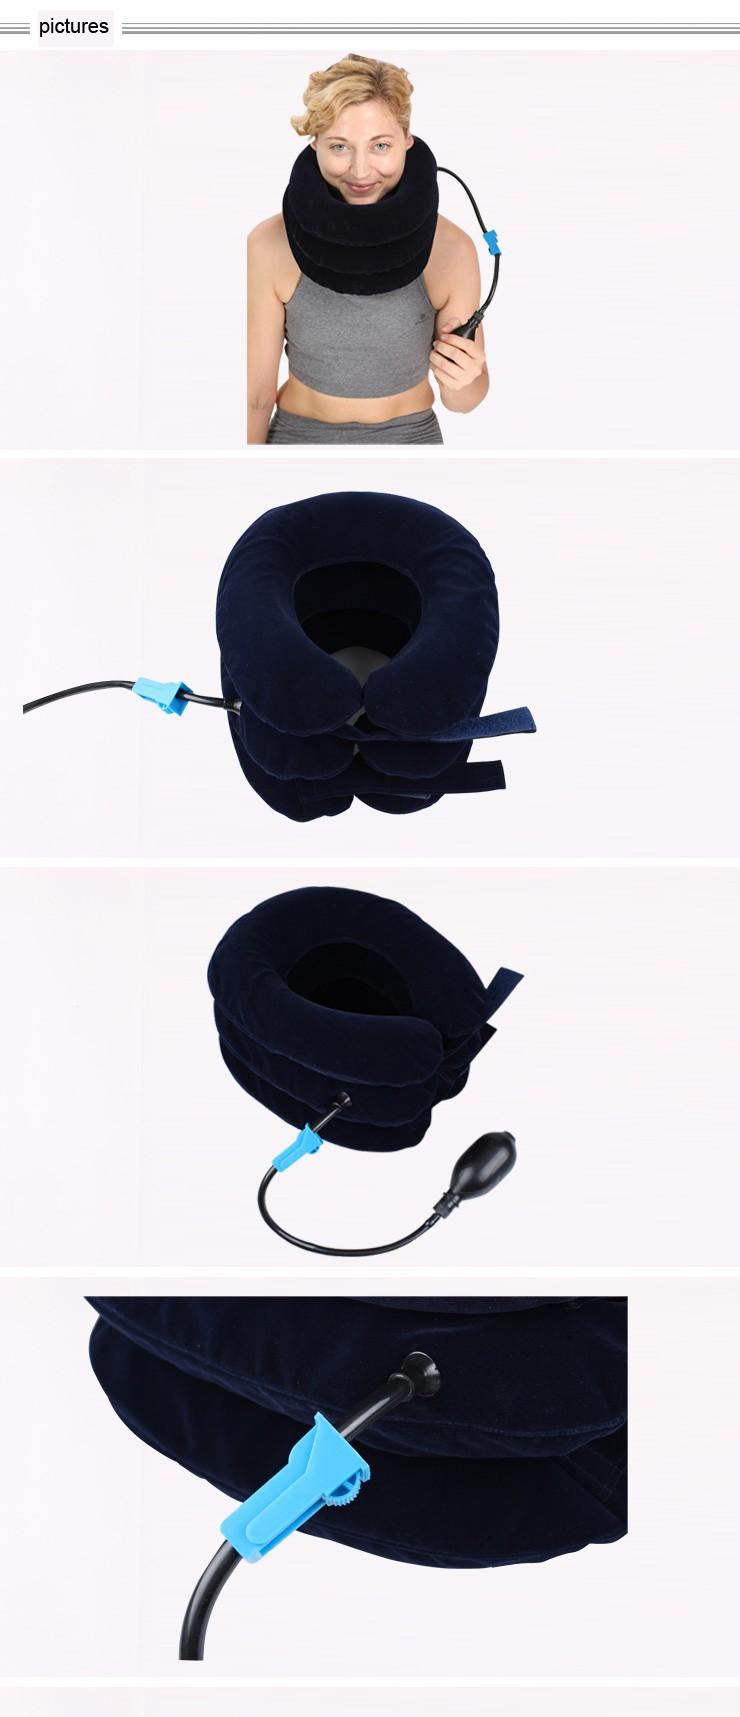 Pescoço Cervical Dispositivo de Tração-Pescoço Alívio Da Dor Terapia-Colar Cervical Ajustável